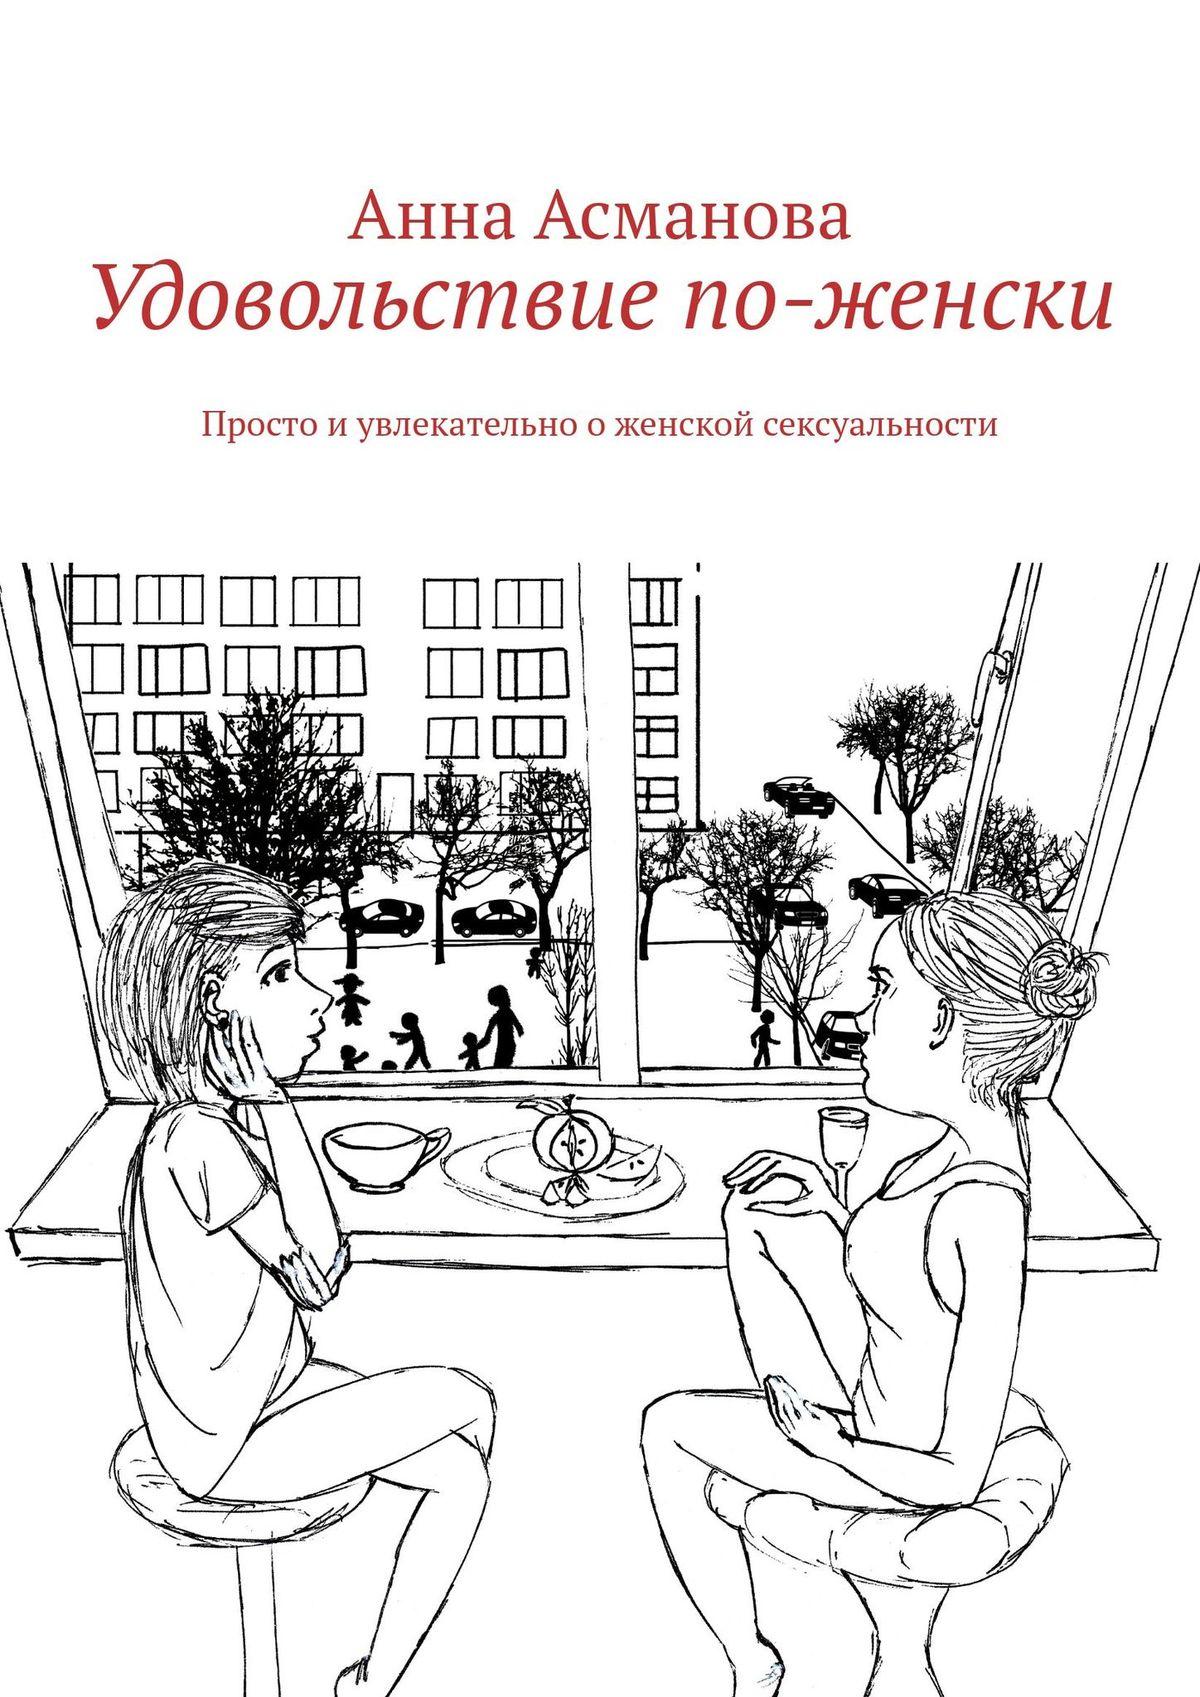 Анна Асманова Удовольствие по-женски. Просто иувлекательно оженской сексуальности никита подгорнов смарт секси новый тренд женской сексуальности